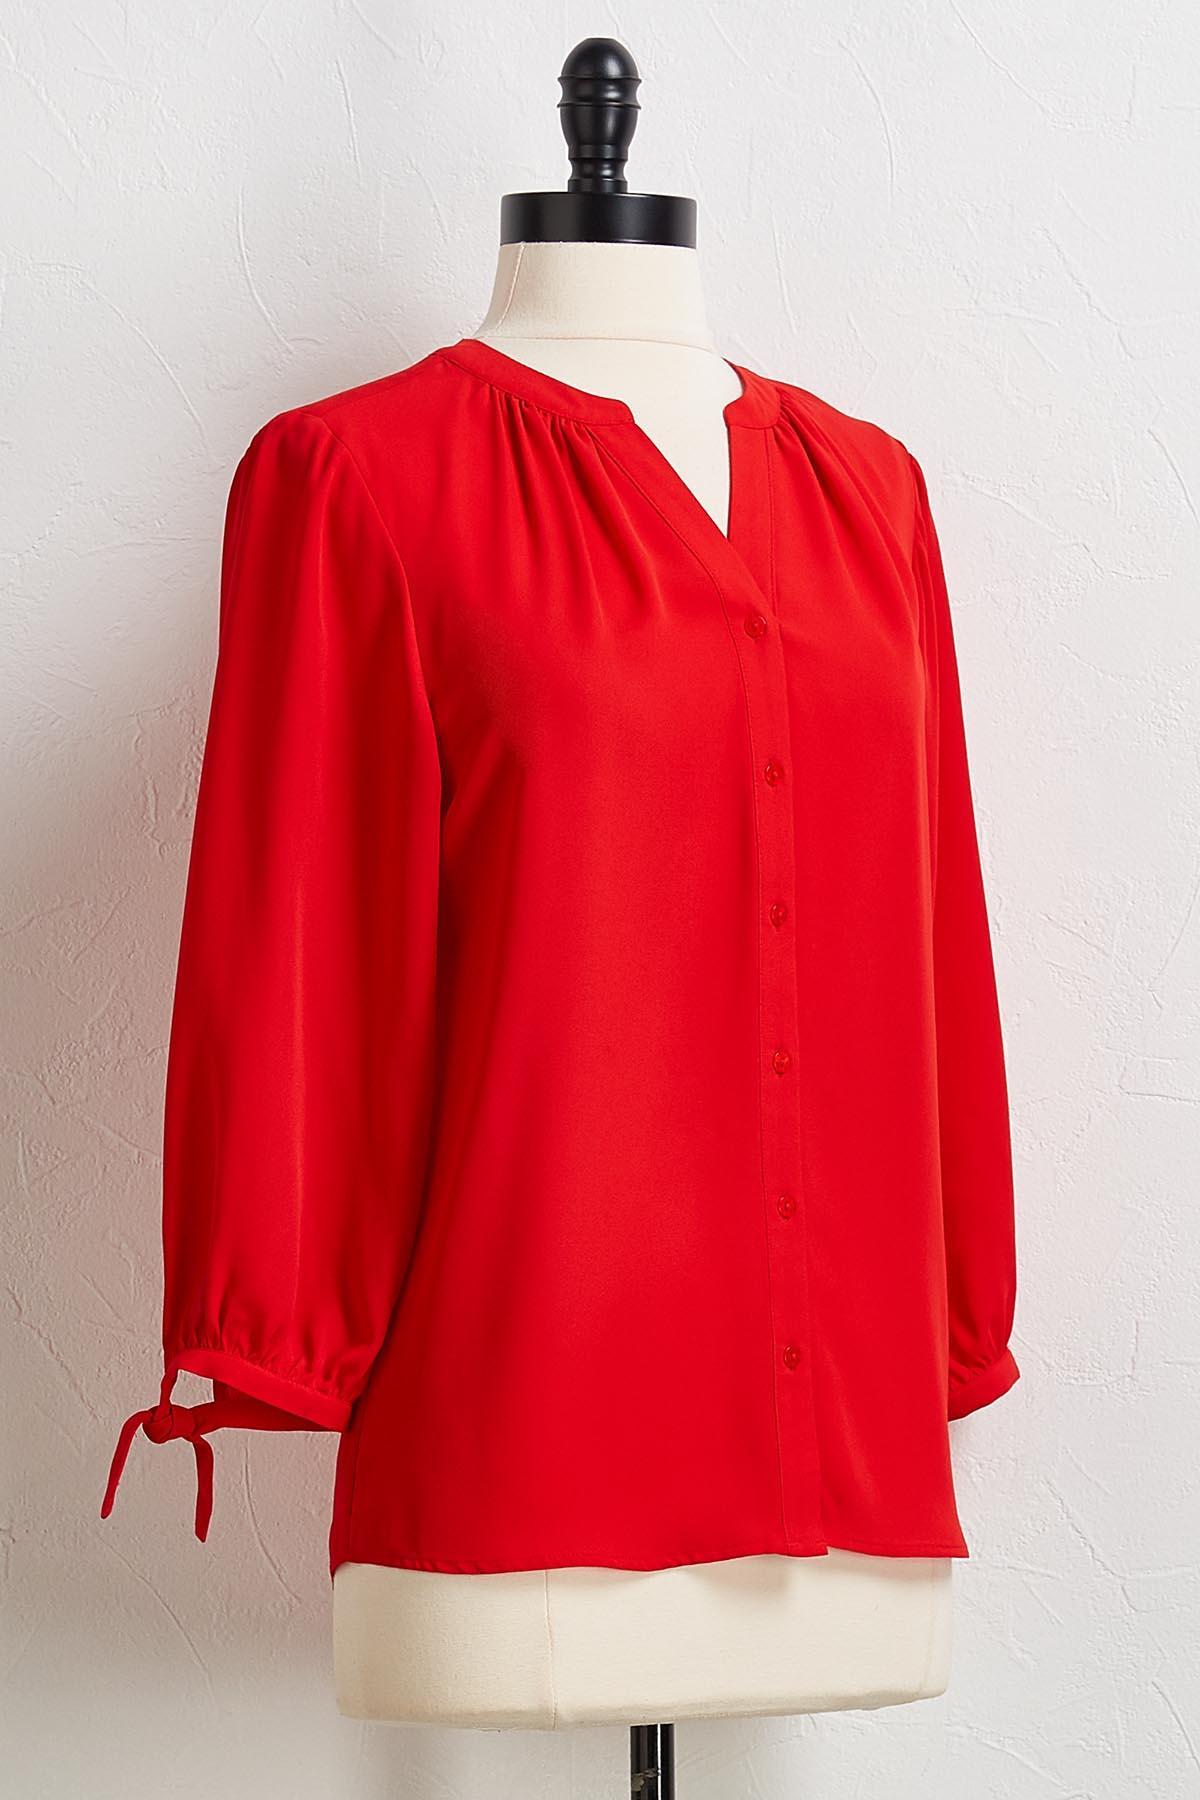 Red Tie Sleeve Top